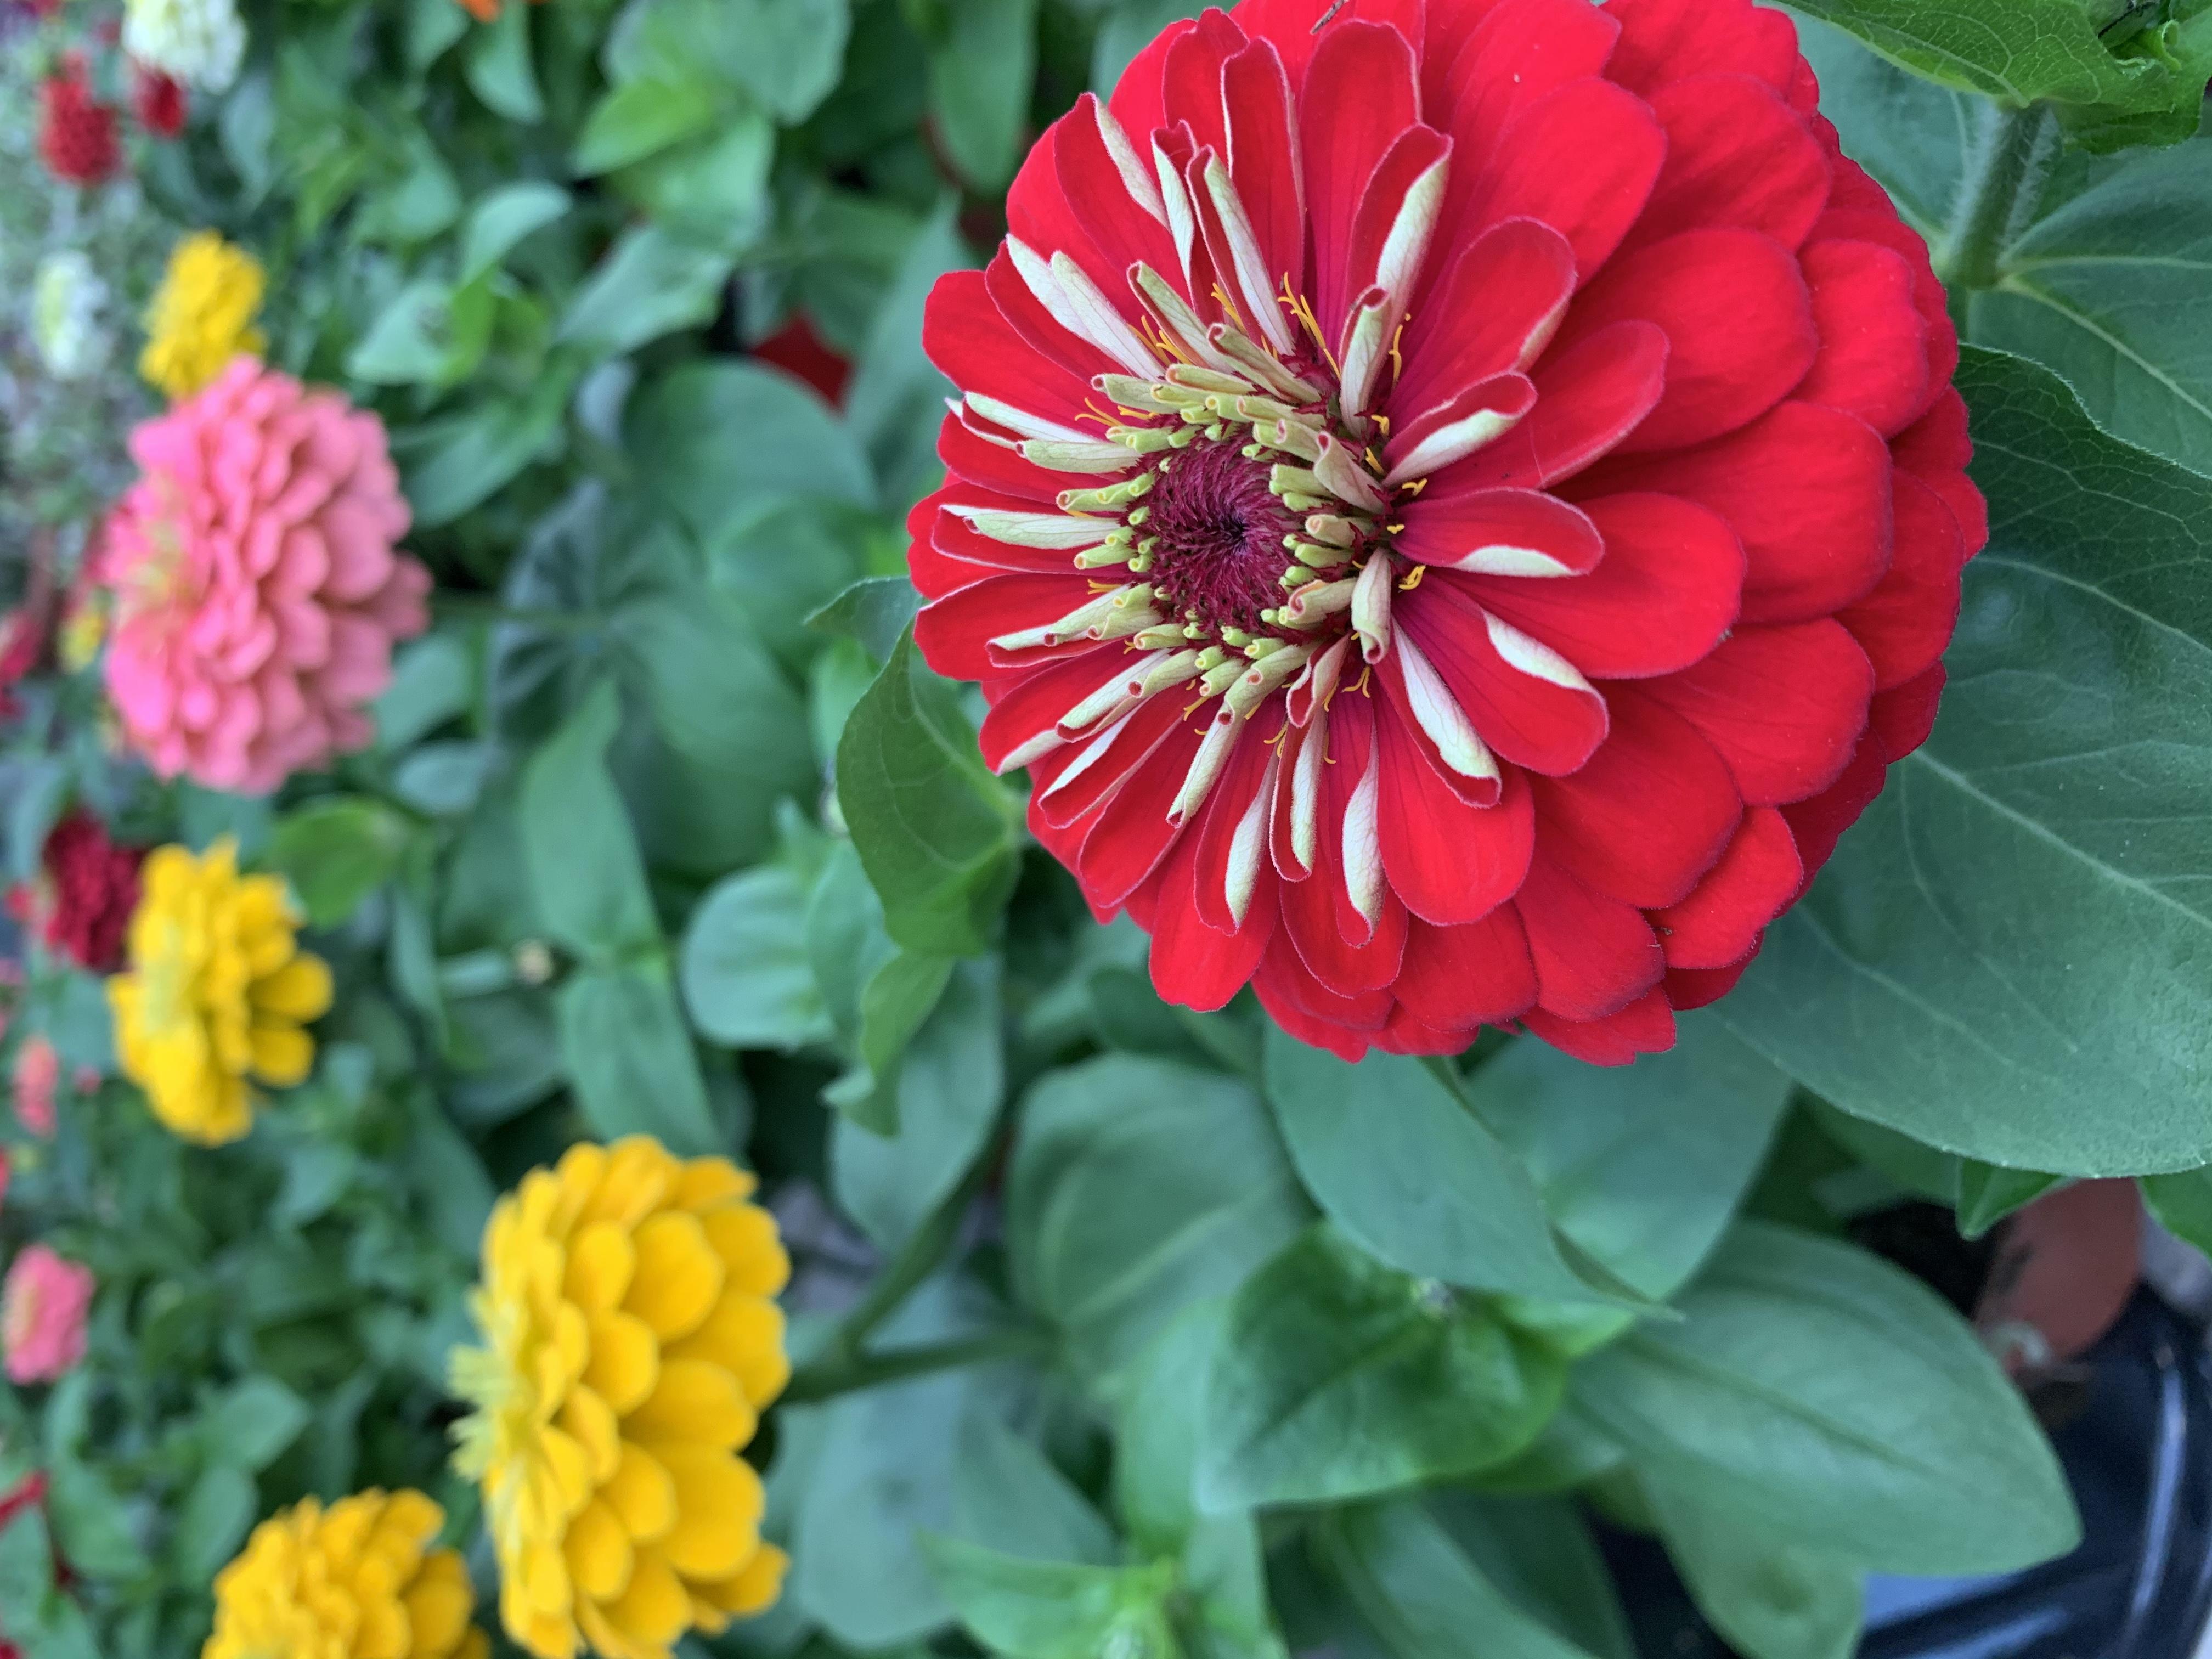 La zinnia è una pianta fiorifera molto facile da coltivare e apprezzata per le sue e scenografiche fioritureche compaiono generose da giugno ad ottobre.